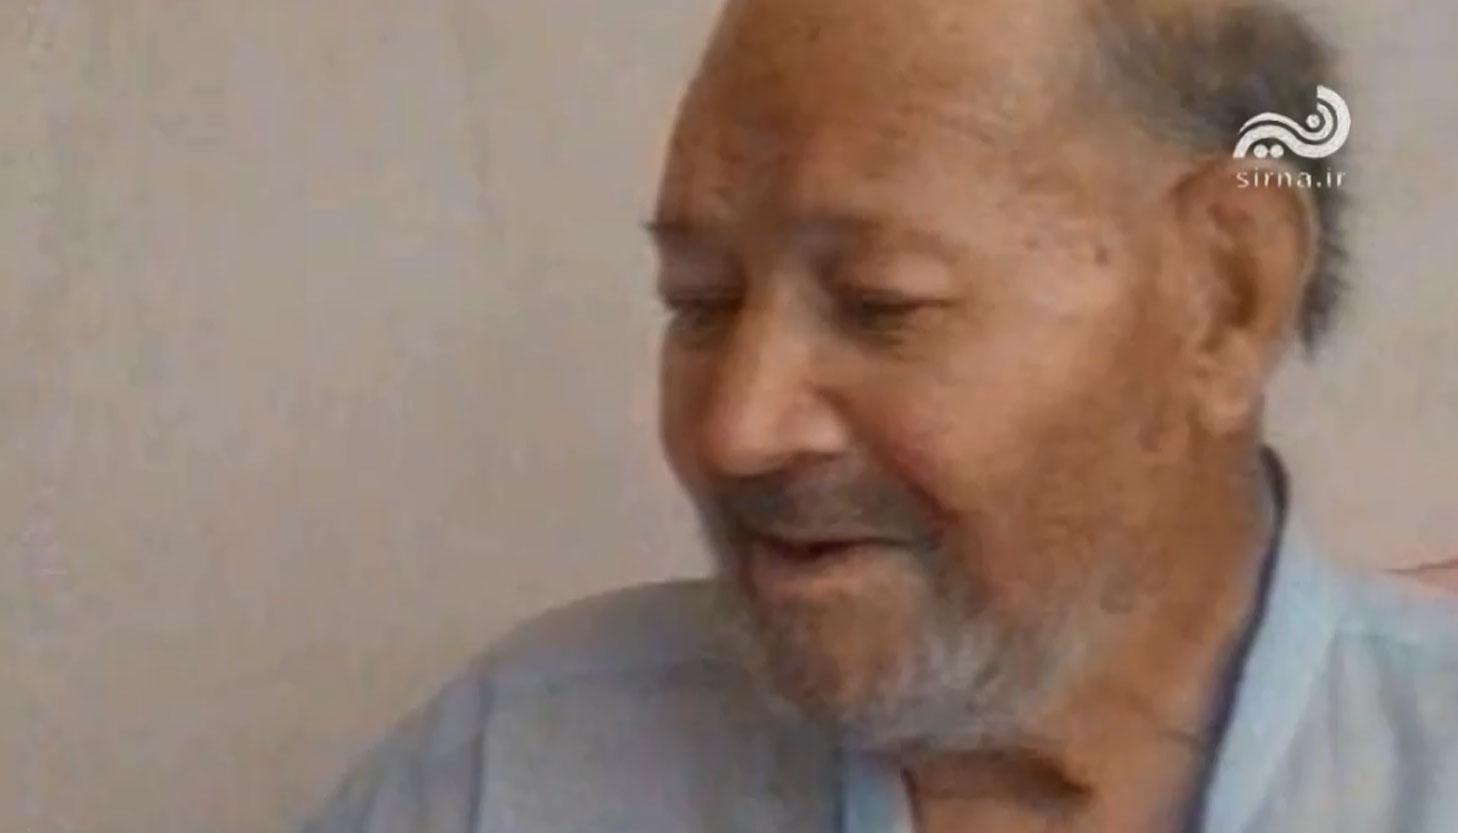 گفتوگو با زنده یاد سید محمد شجاعی معمار بادگیر چپقی